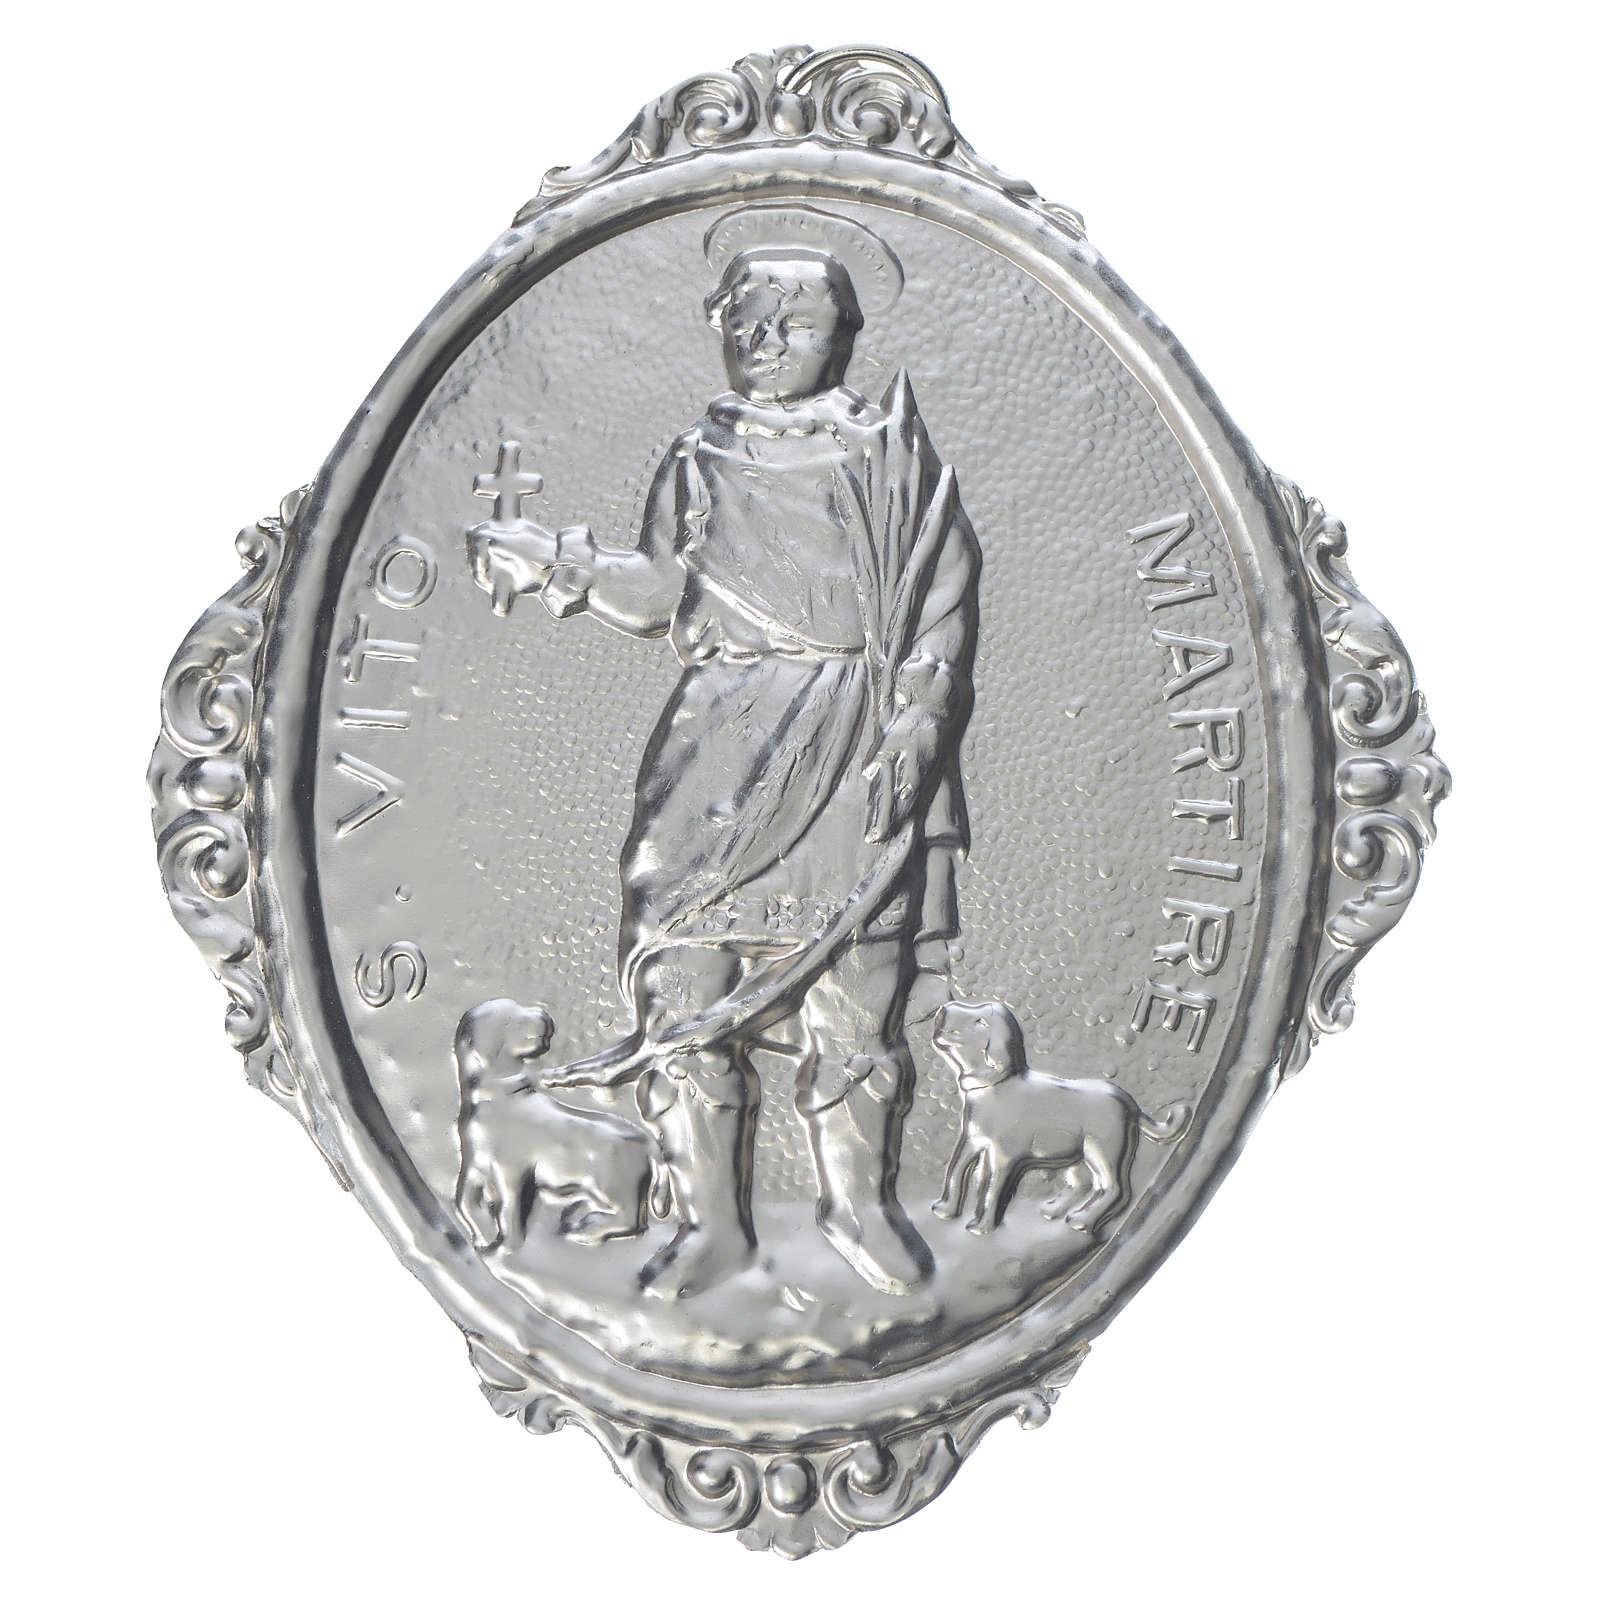 Medaglione confraternita S. Vito Martire ottone 3